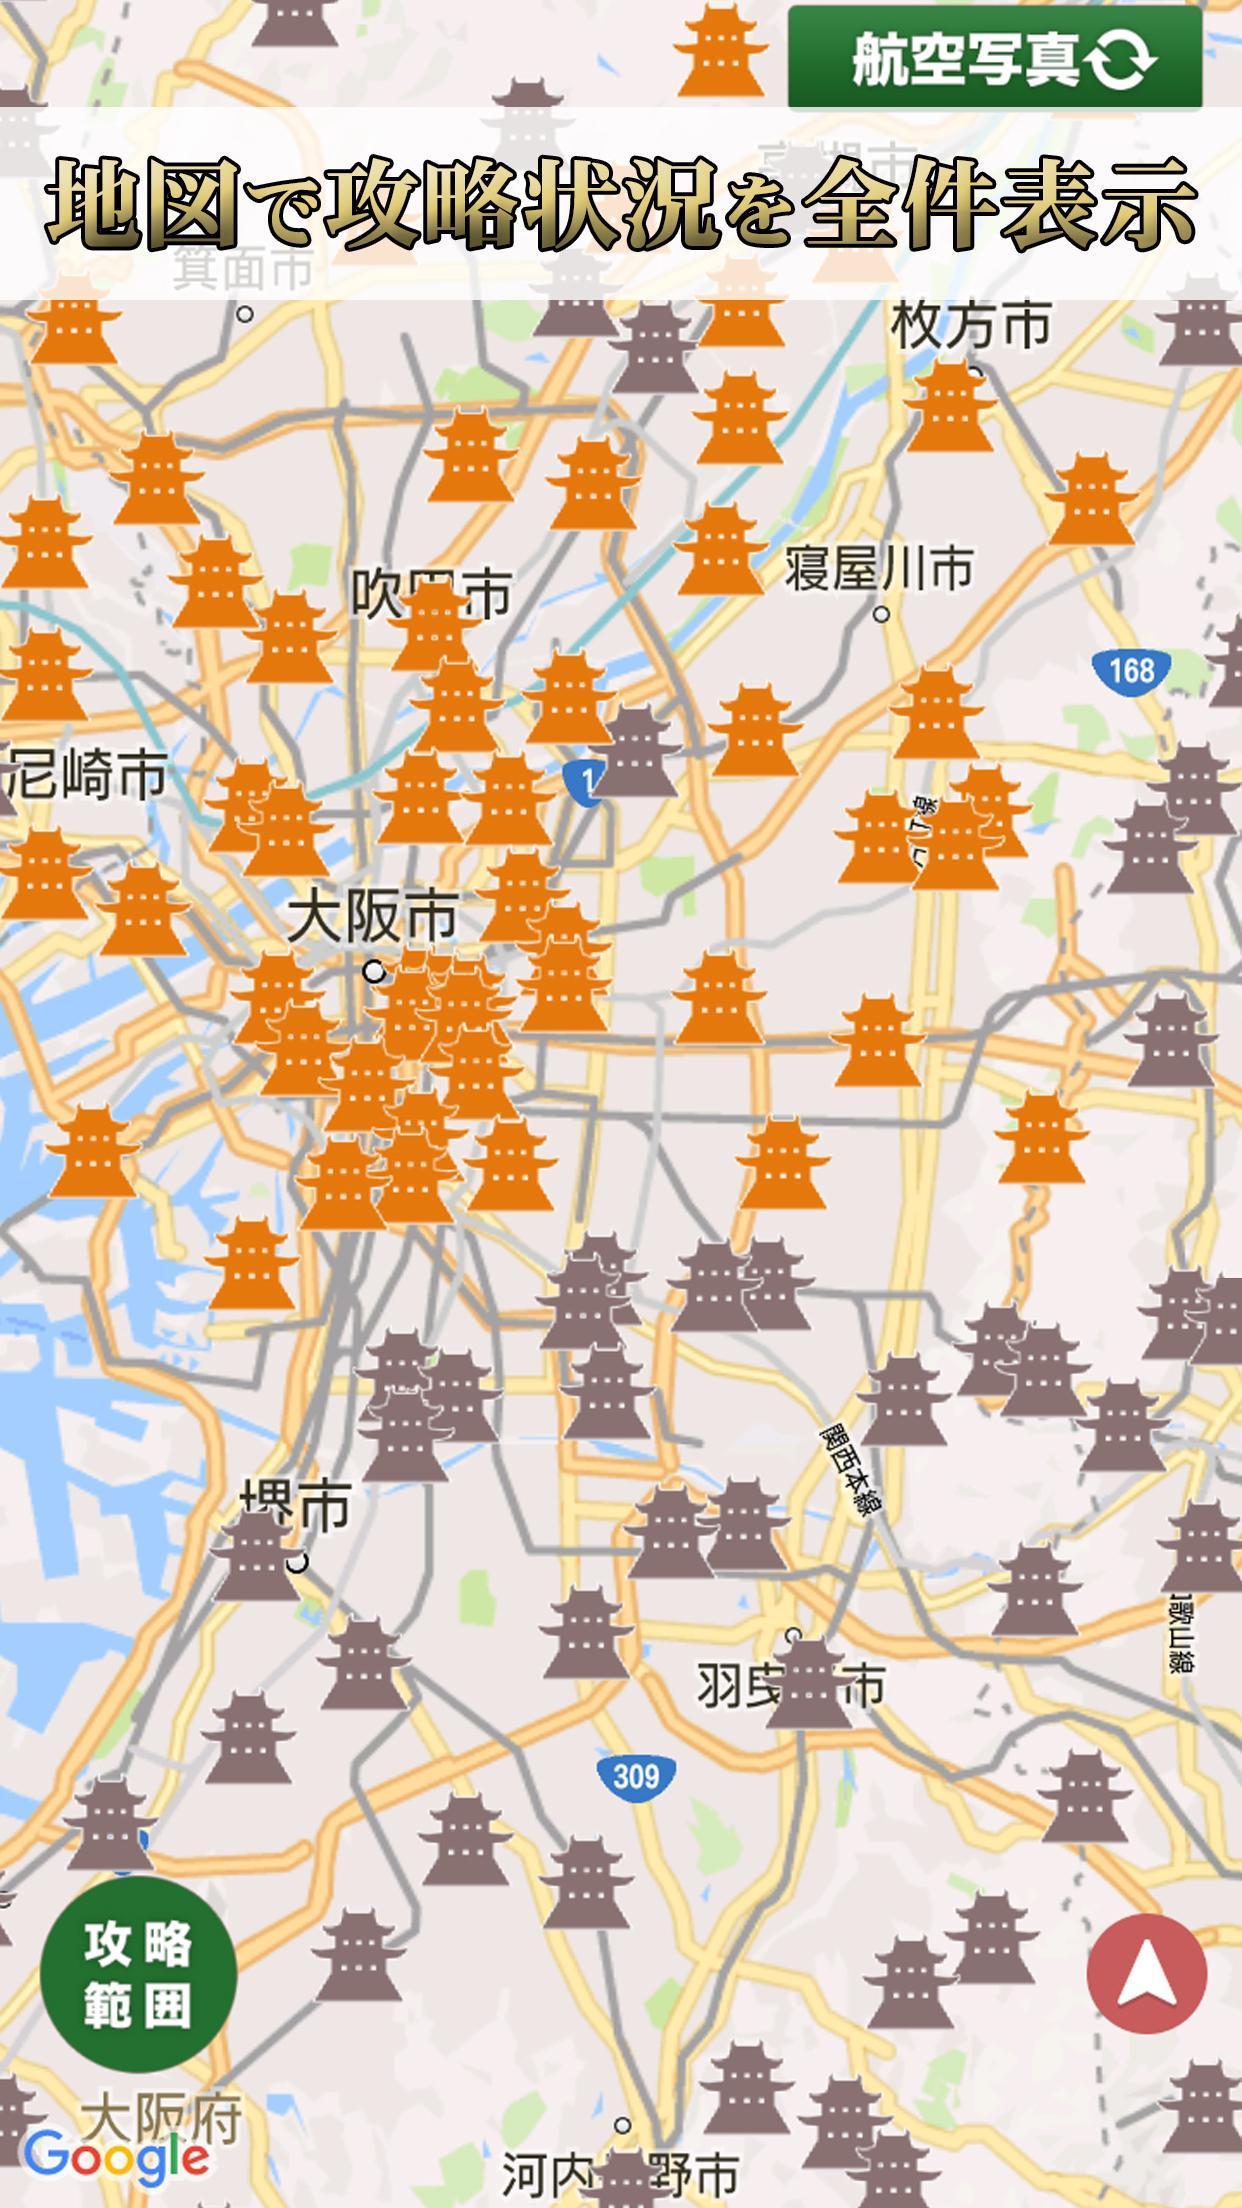 ニッポン城めぐり(無料スタンプラリー・戦国位置ゲーム) 4.6.1 Screenshot 7